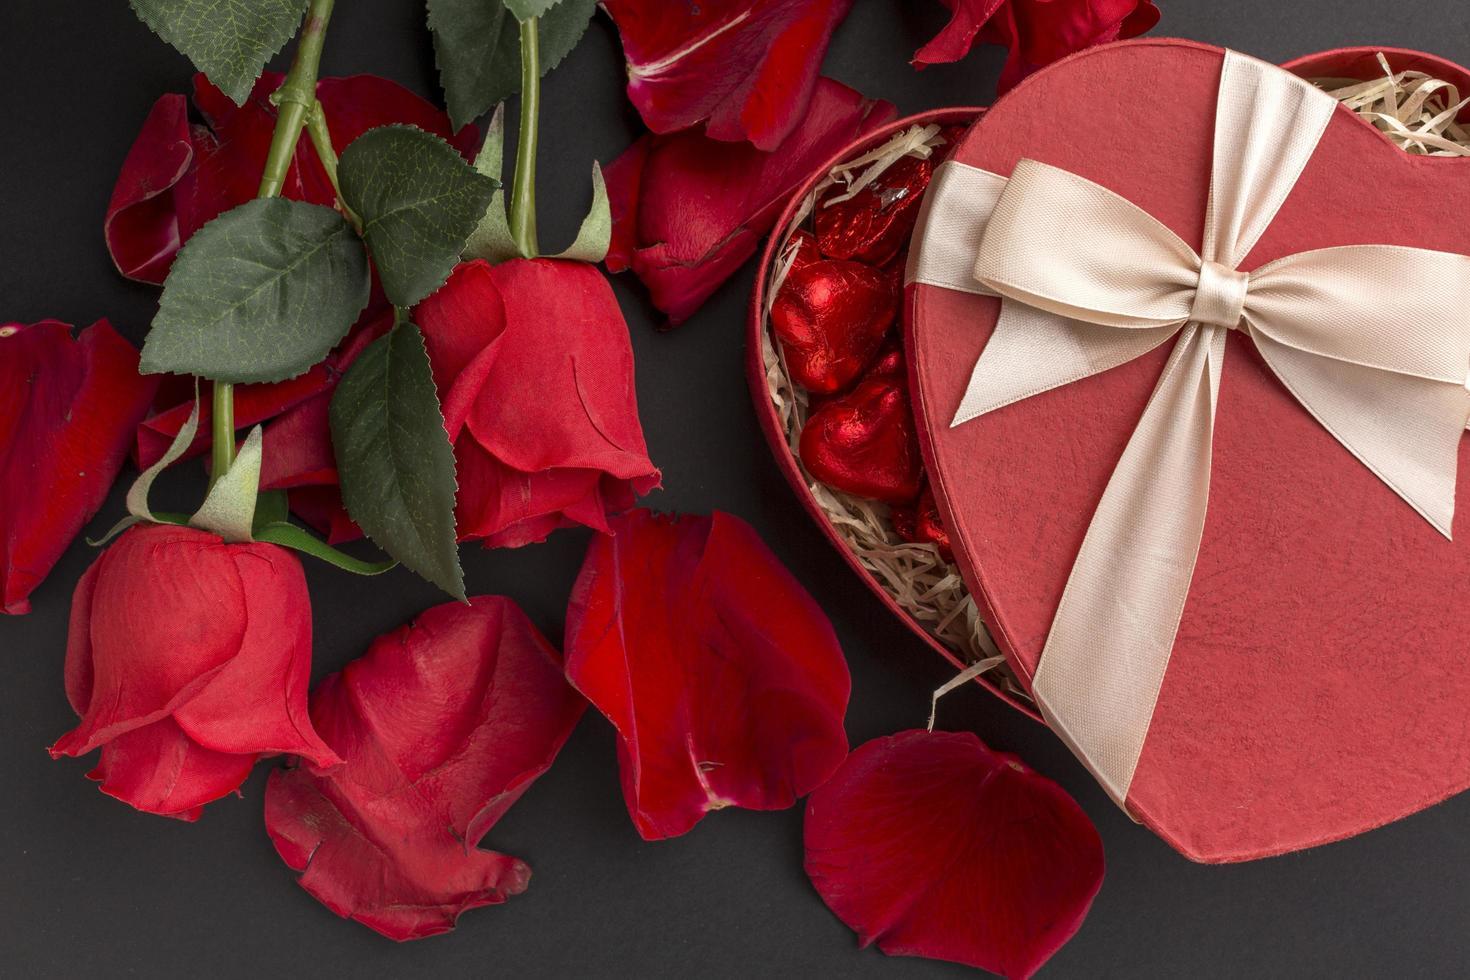 roses et chocolats photo